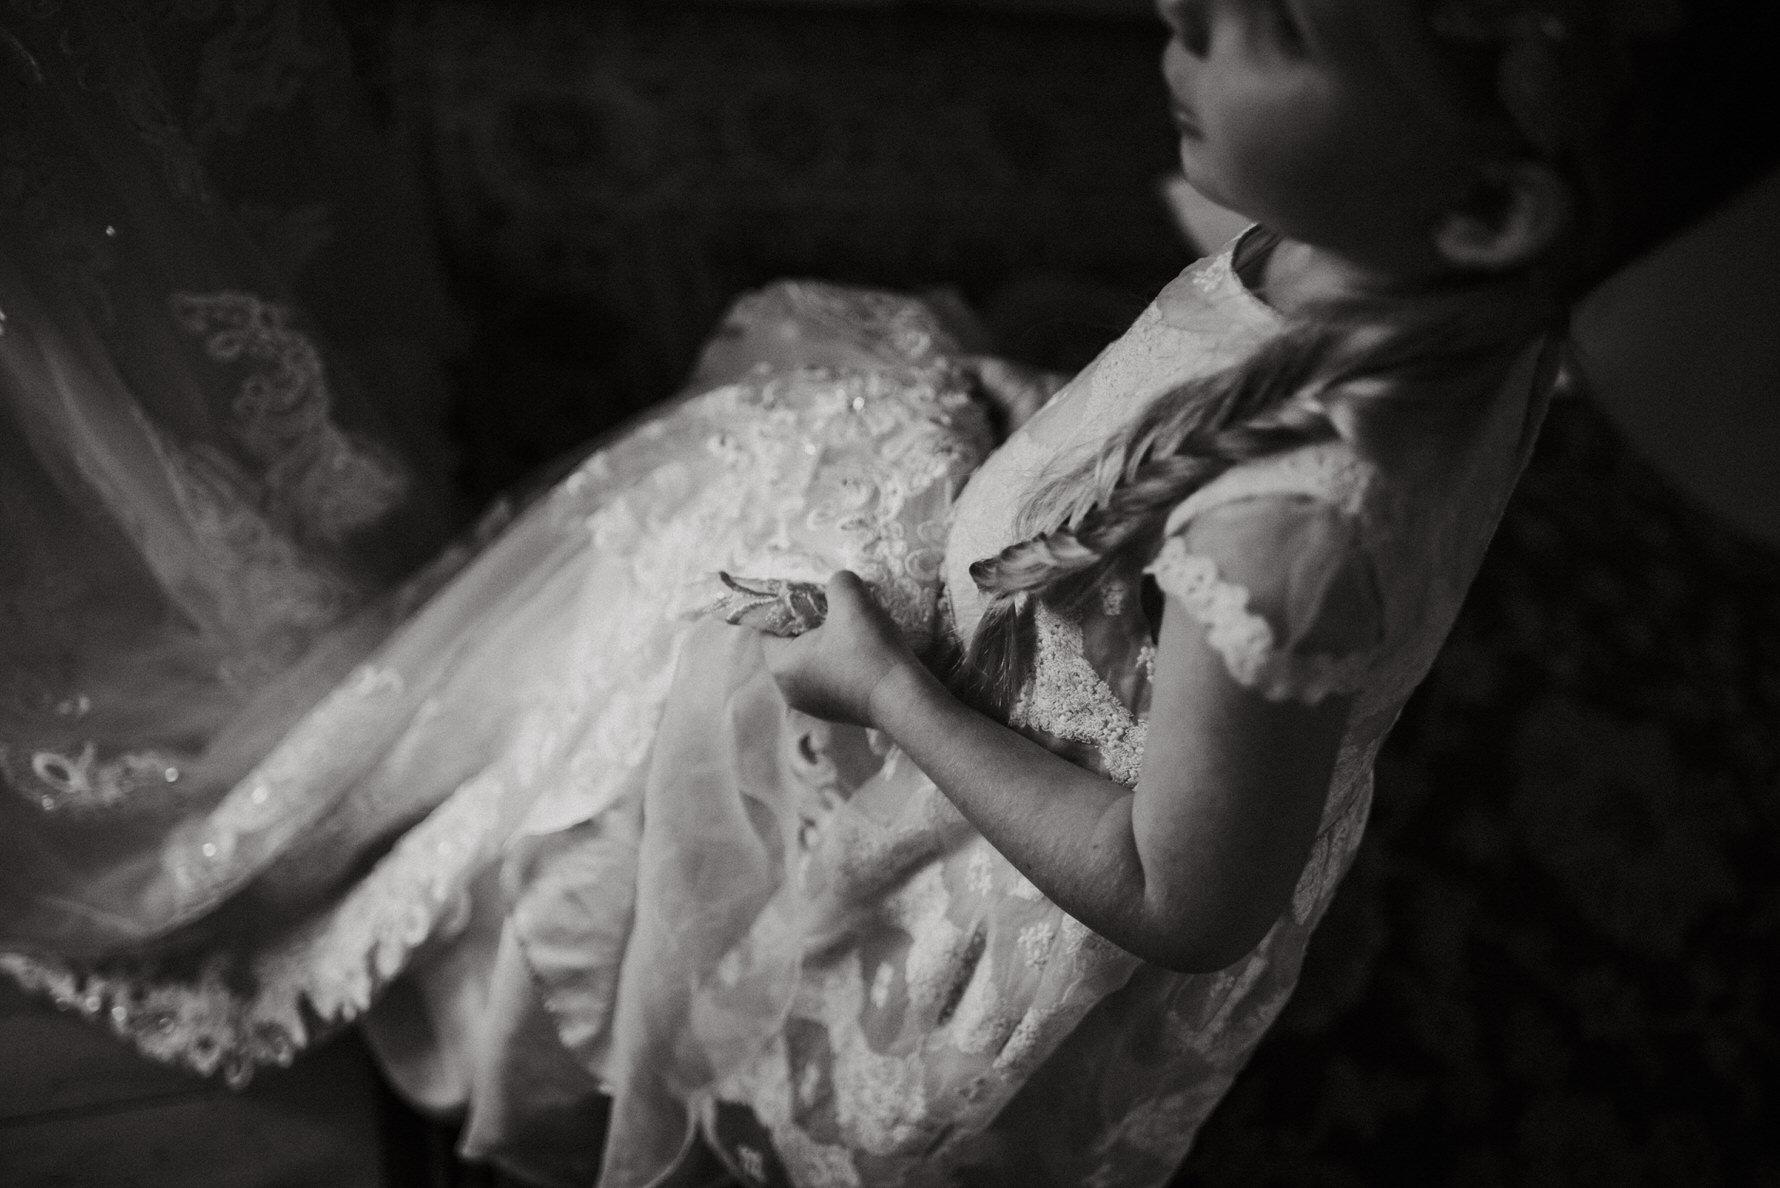 Cheshire Wedding Photography in Burnsall